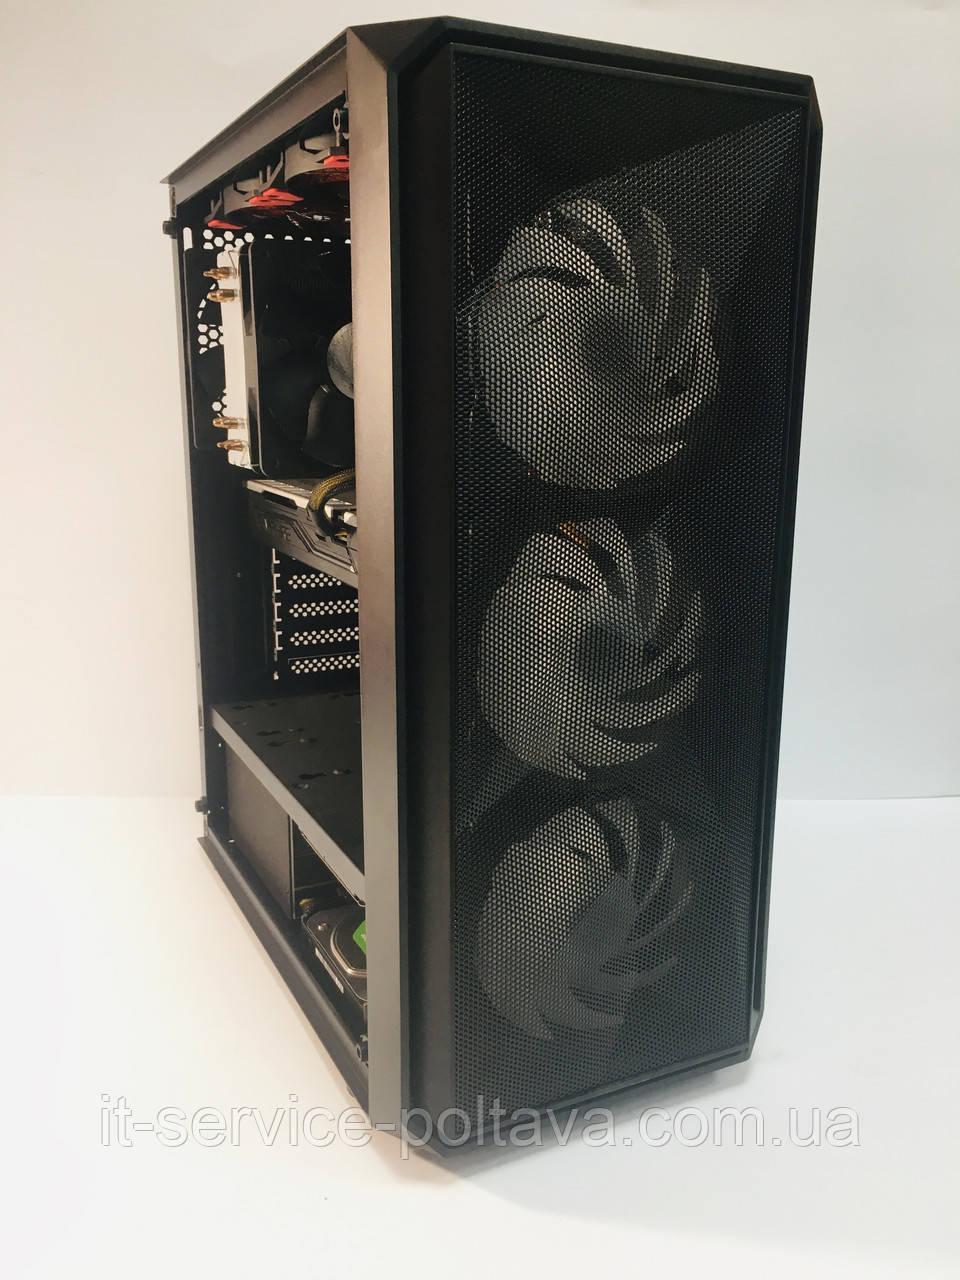 Ігровий комп'ютер Frontier SHURI Intel Core i5-6400 2.7 GHz; ОЗУ 16 Gb; GPU RX 570;